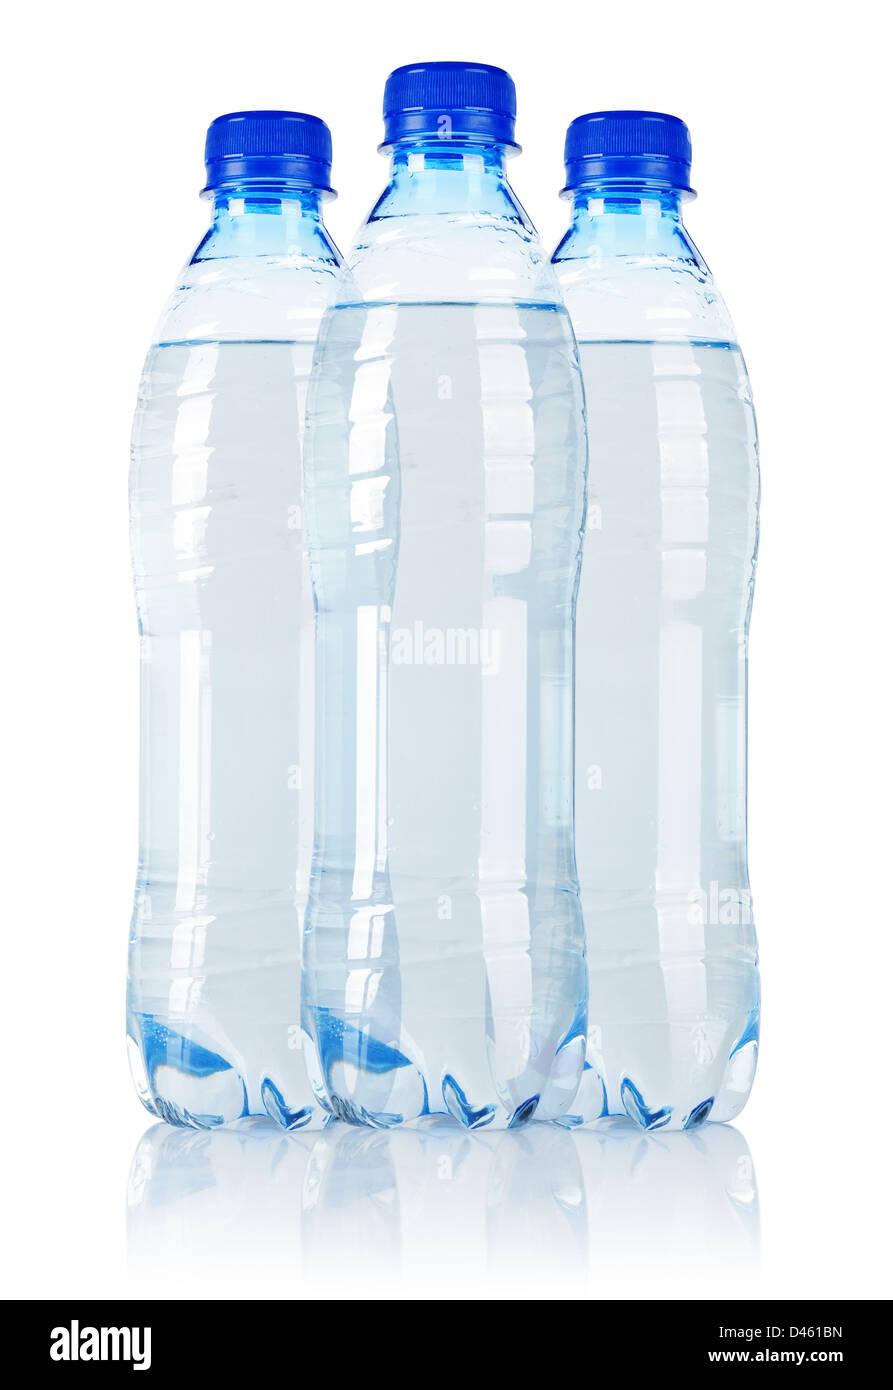 Three Soda water bottle isolated on white background - Stock Image